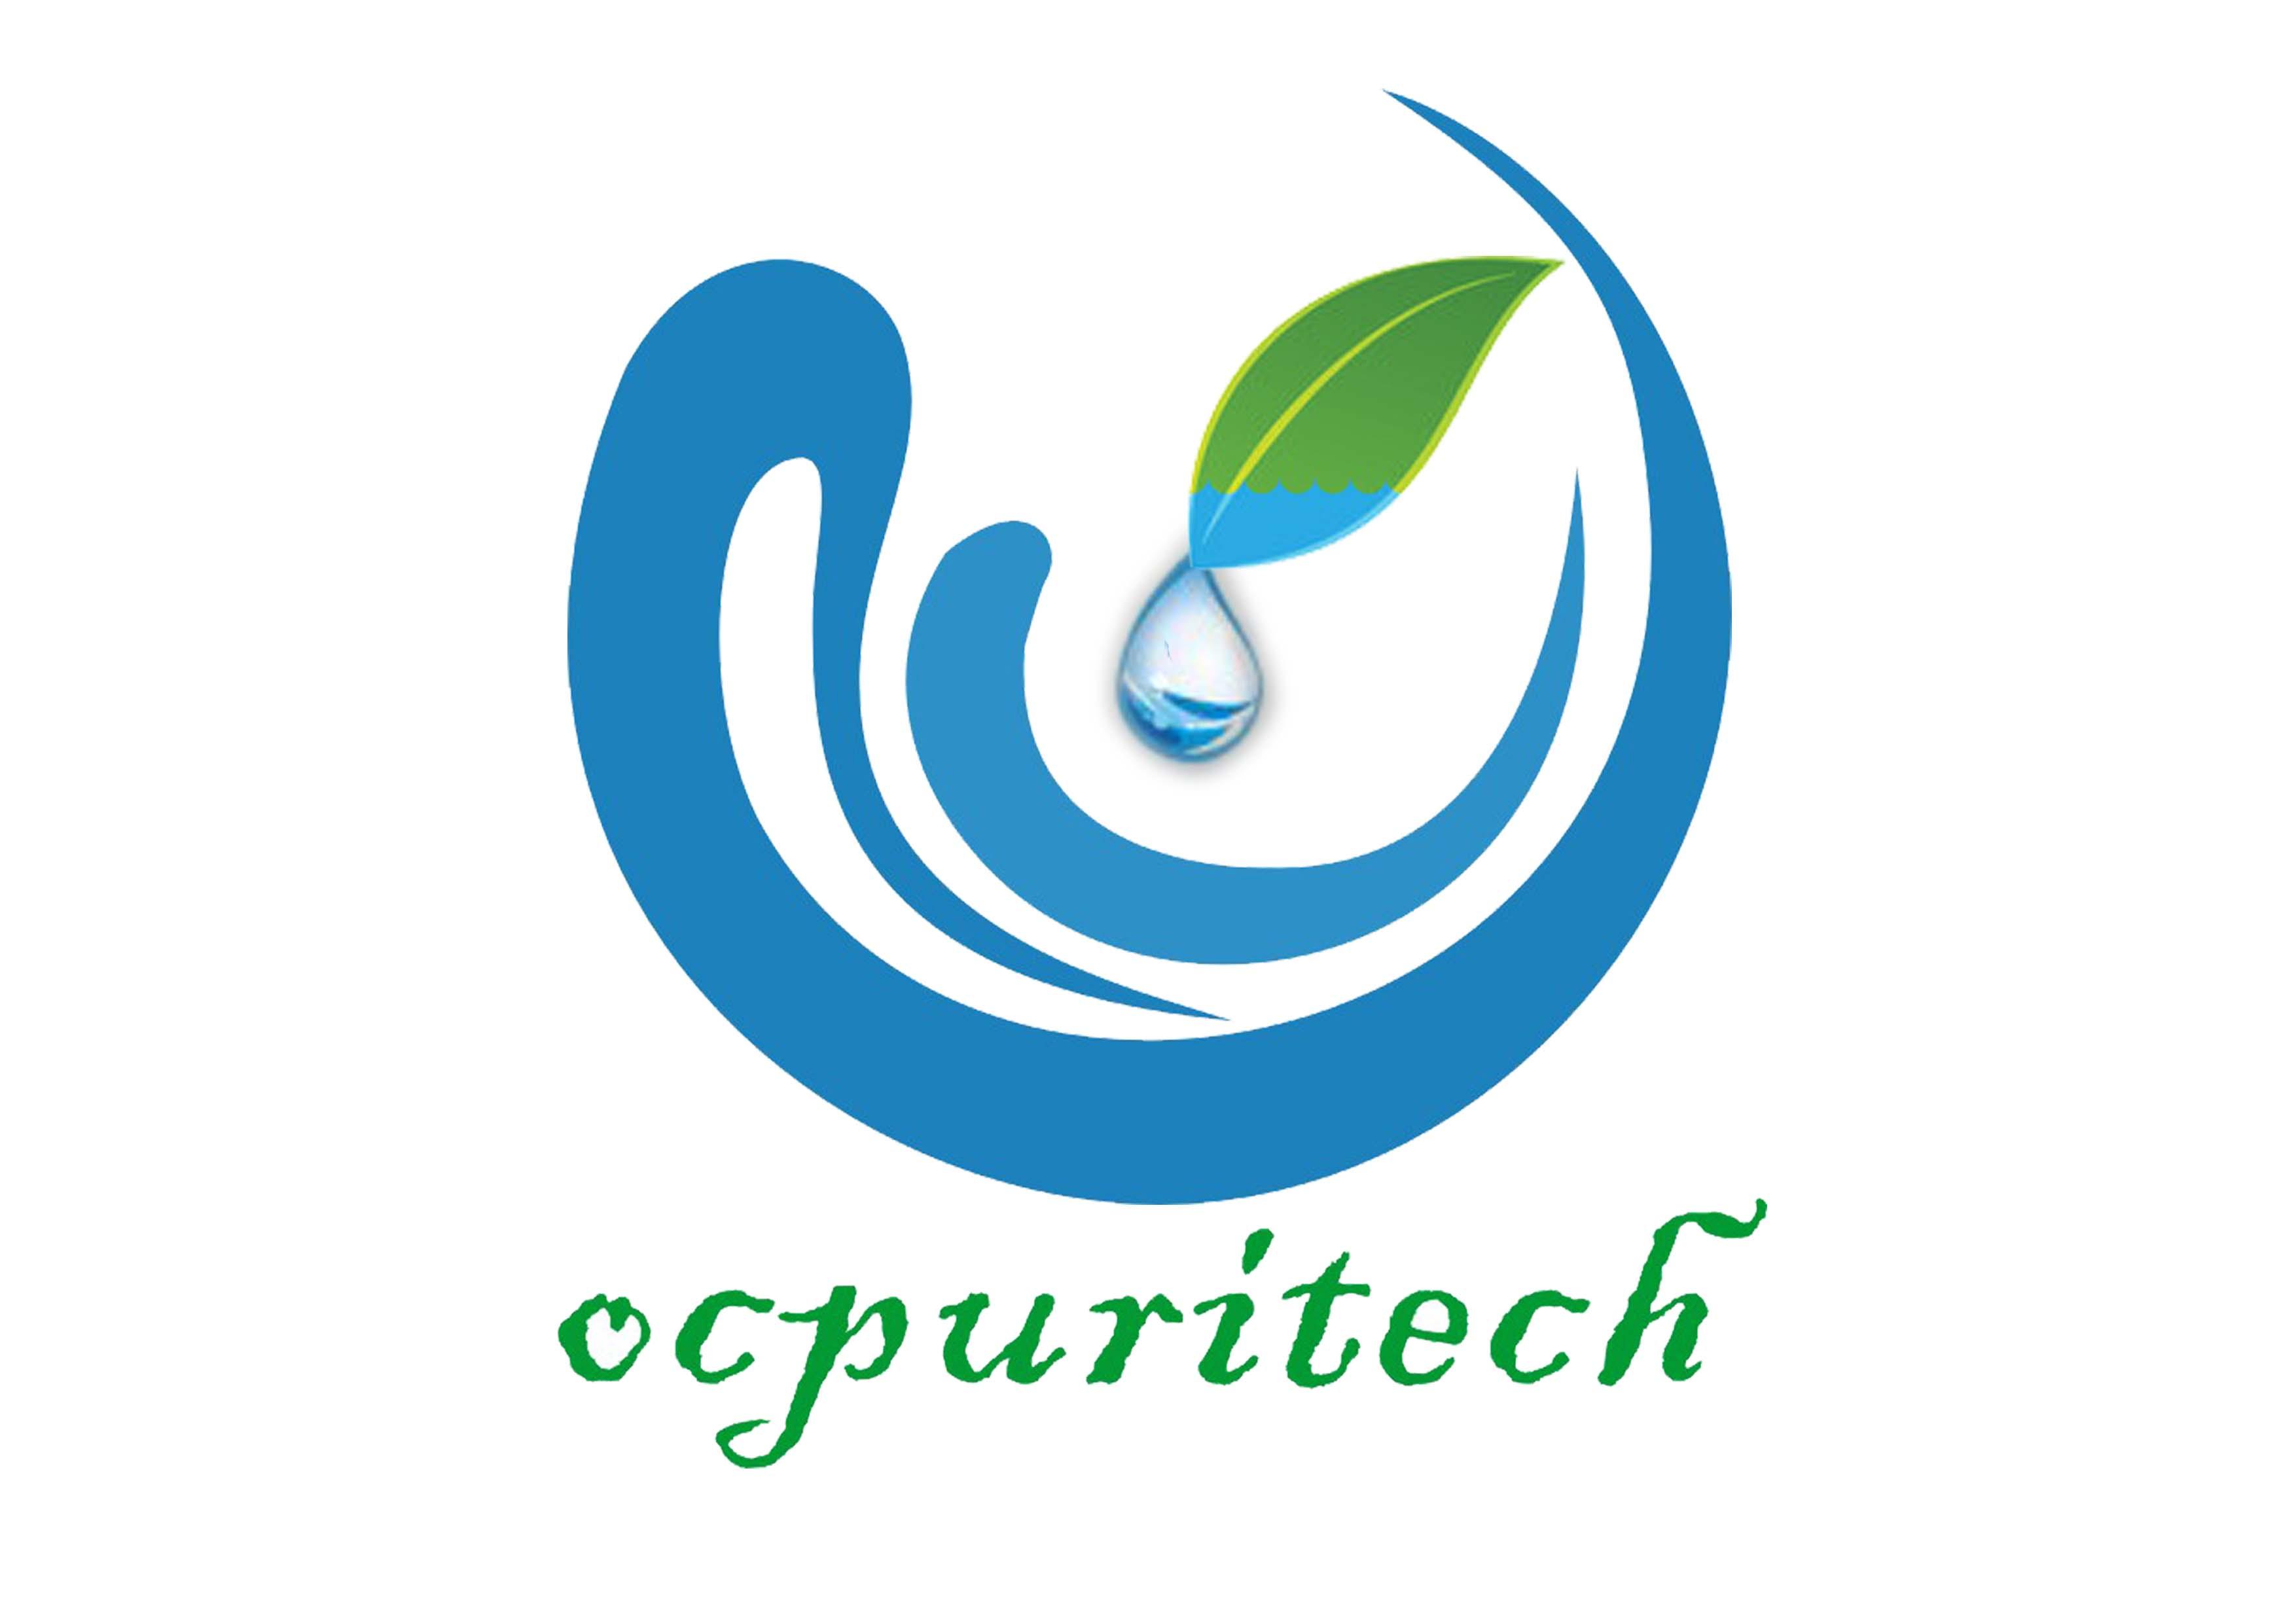 Ocpuritech-16